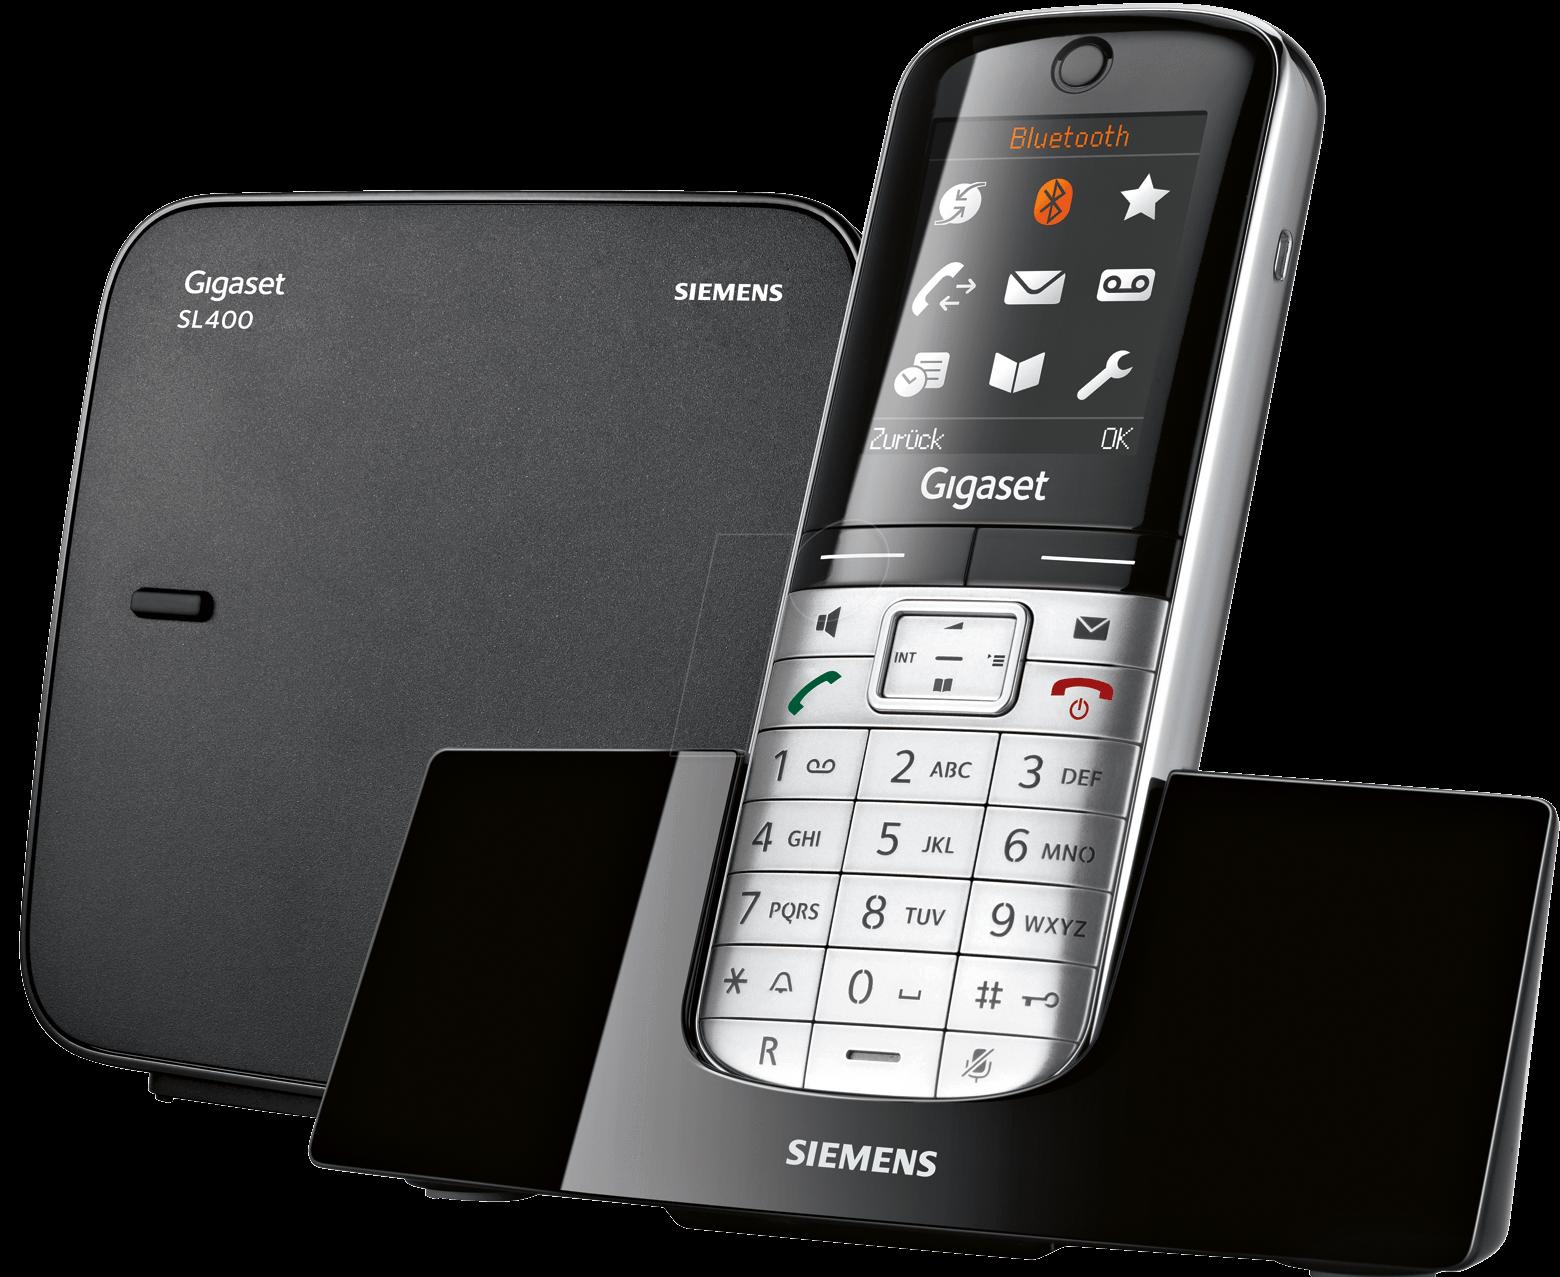 Miglior telefono cordless guida definitiva migliori - Cordless di design ...